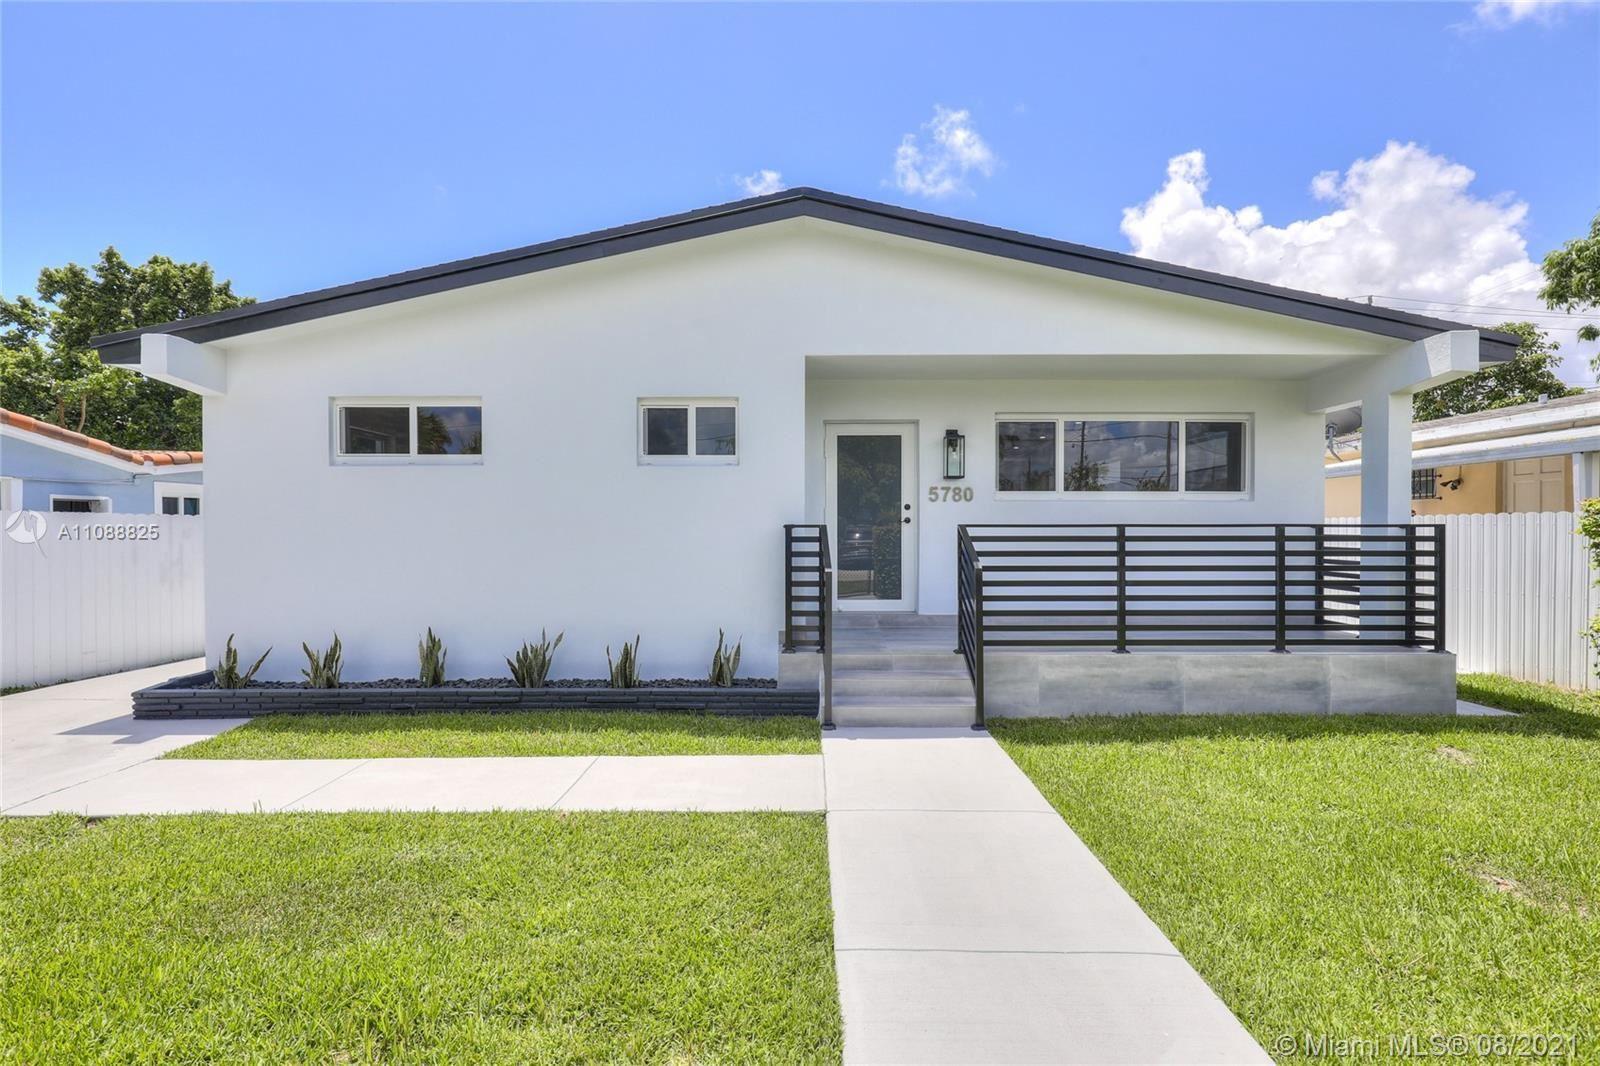 5780 SW 41st St, South Miami, FL 33155 - #: A11088825